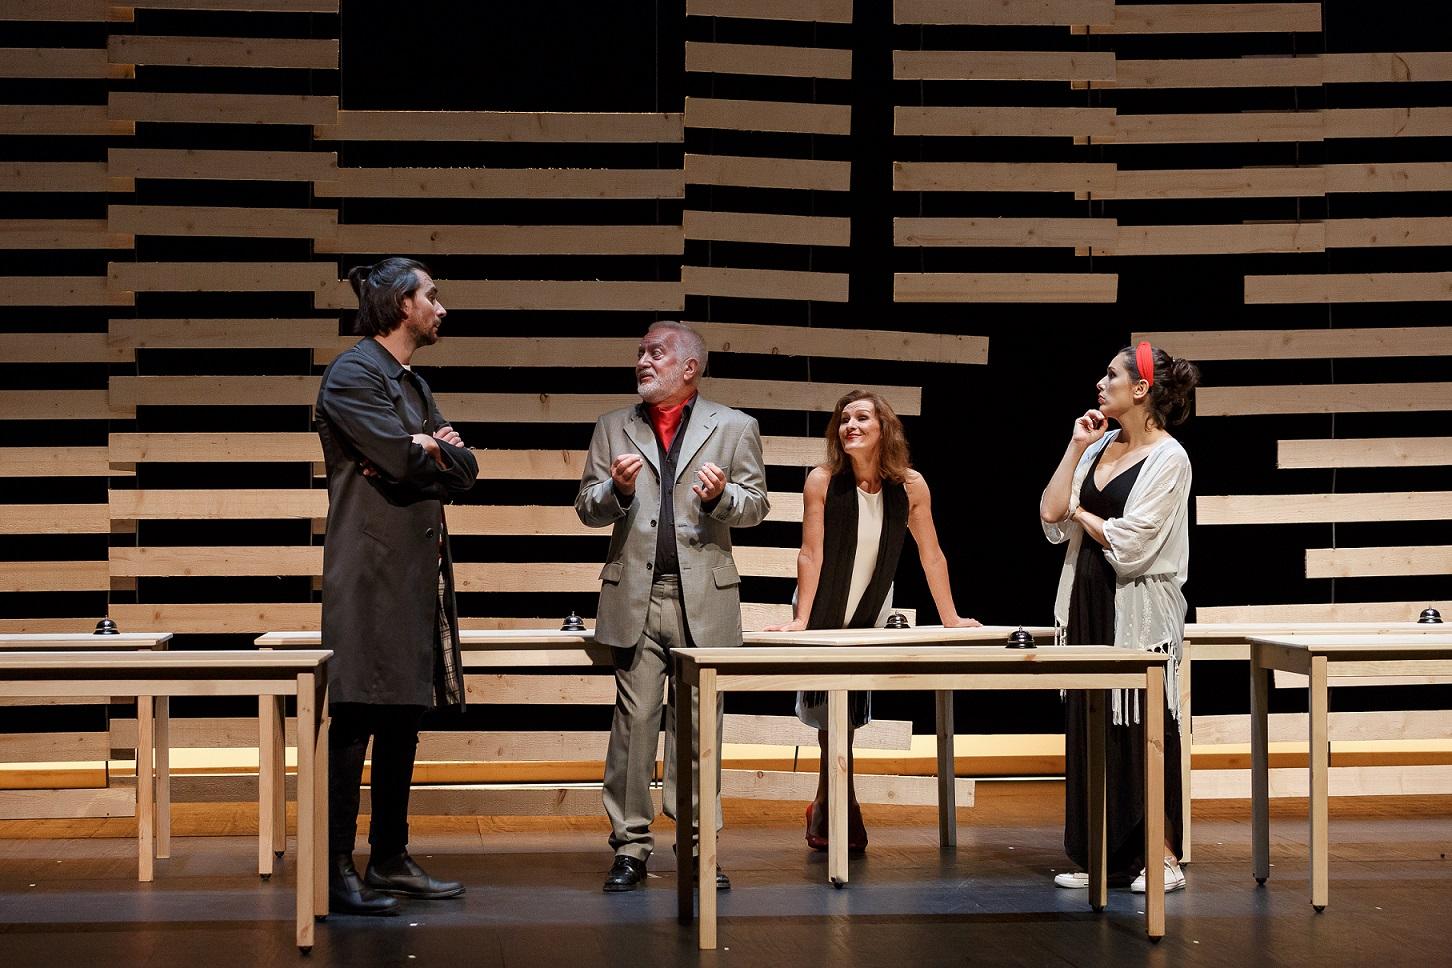 Ivo Bastos, Jorge Pinto, Emília Silvestre e Teresa Arcanjo formam o quarteto de atores.